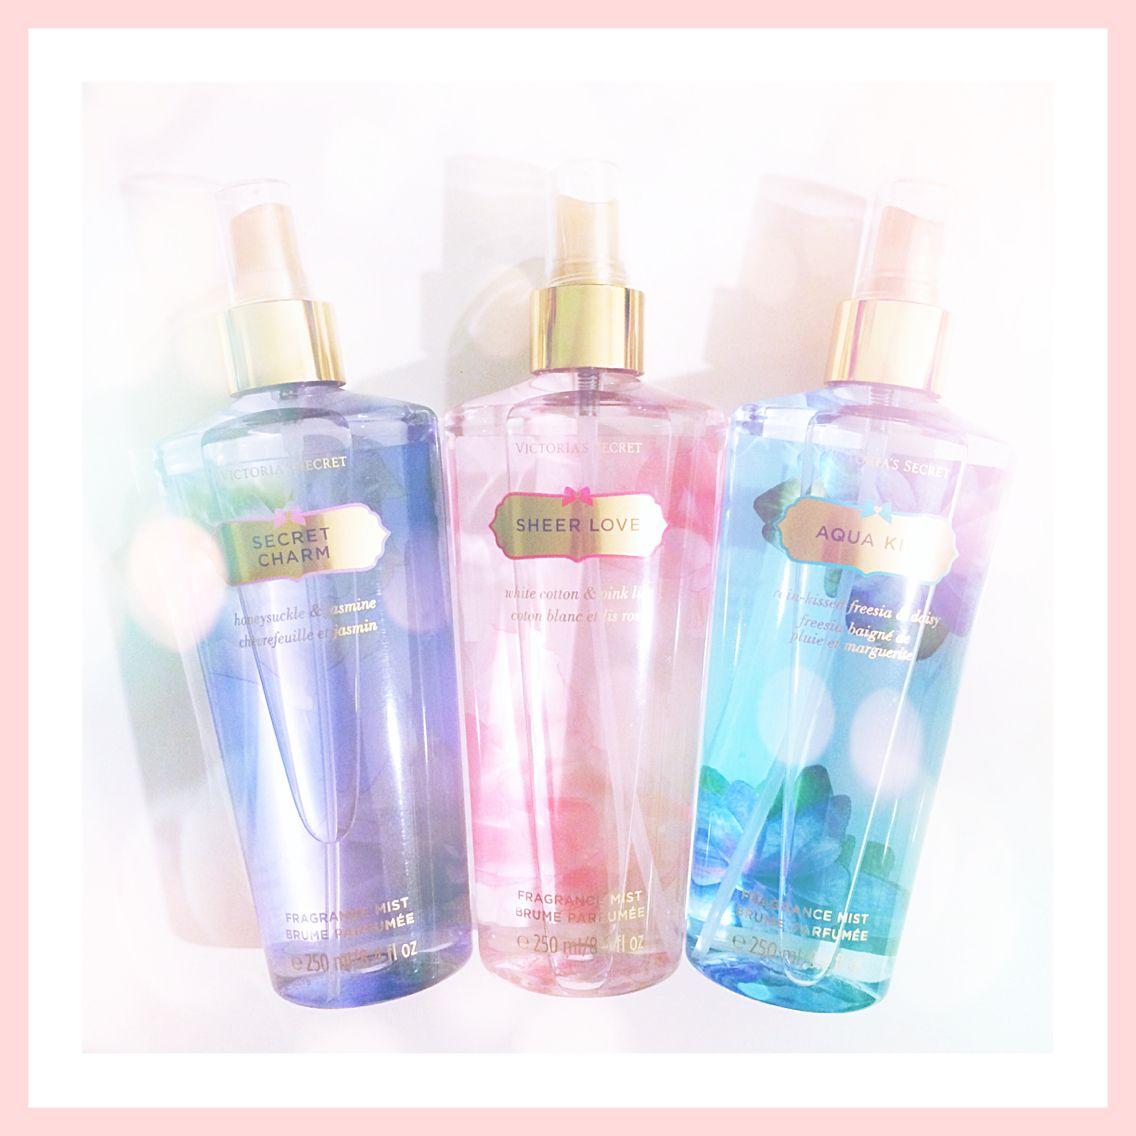 VS Fragrance